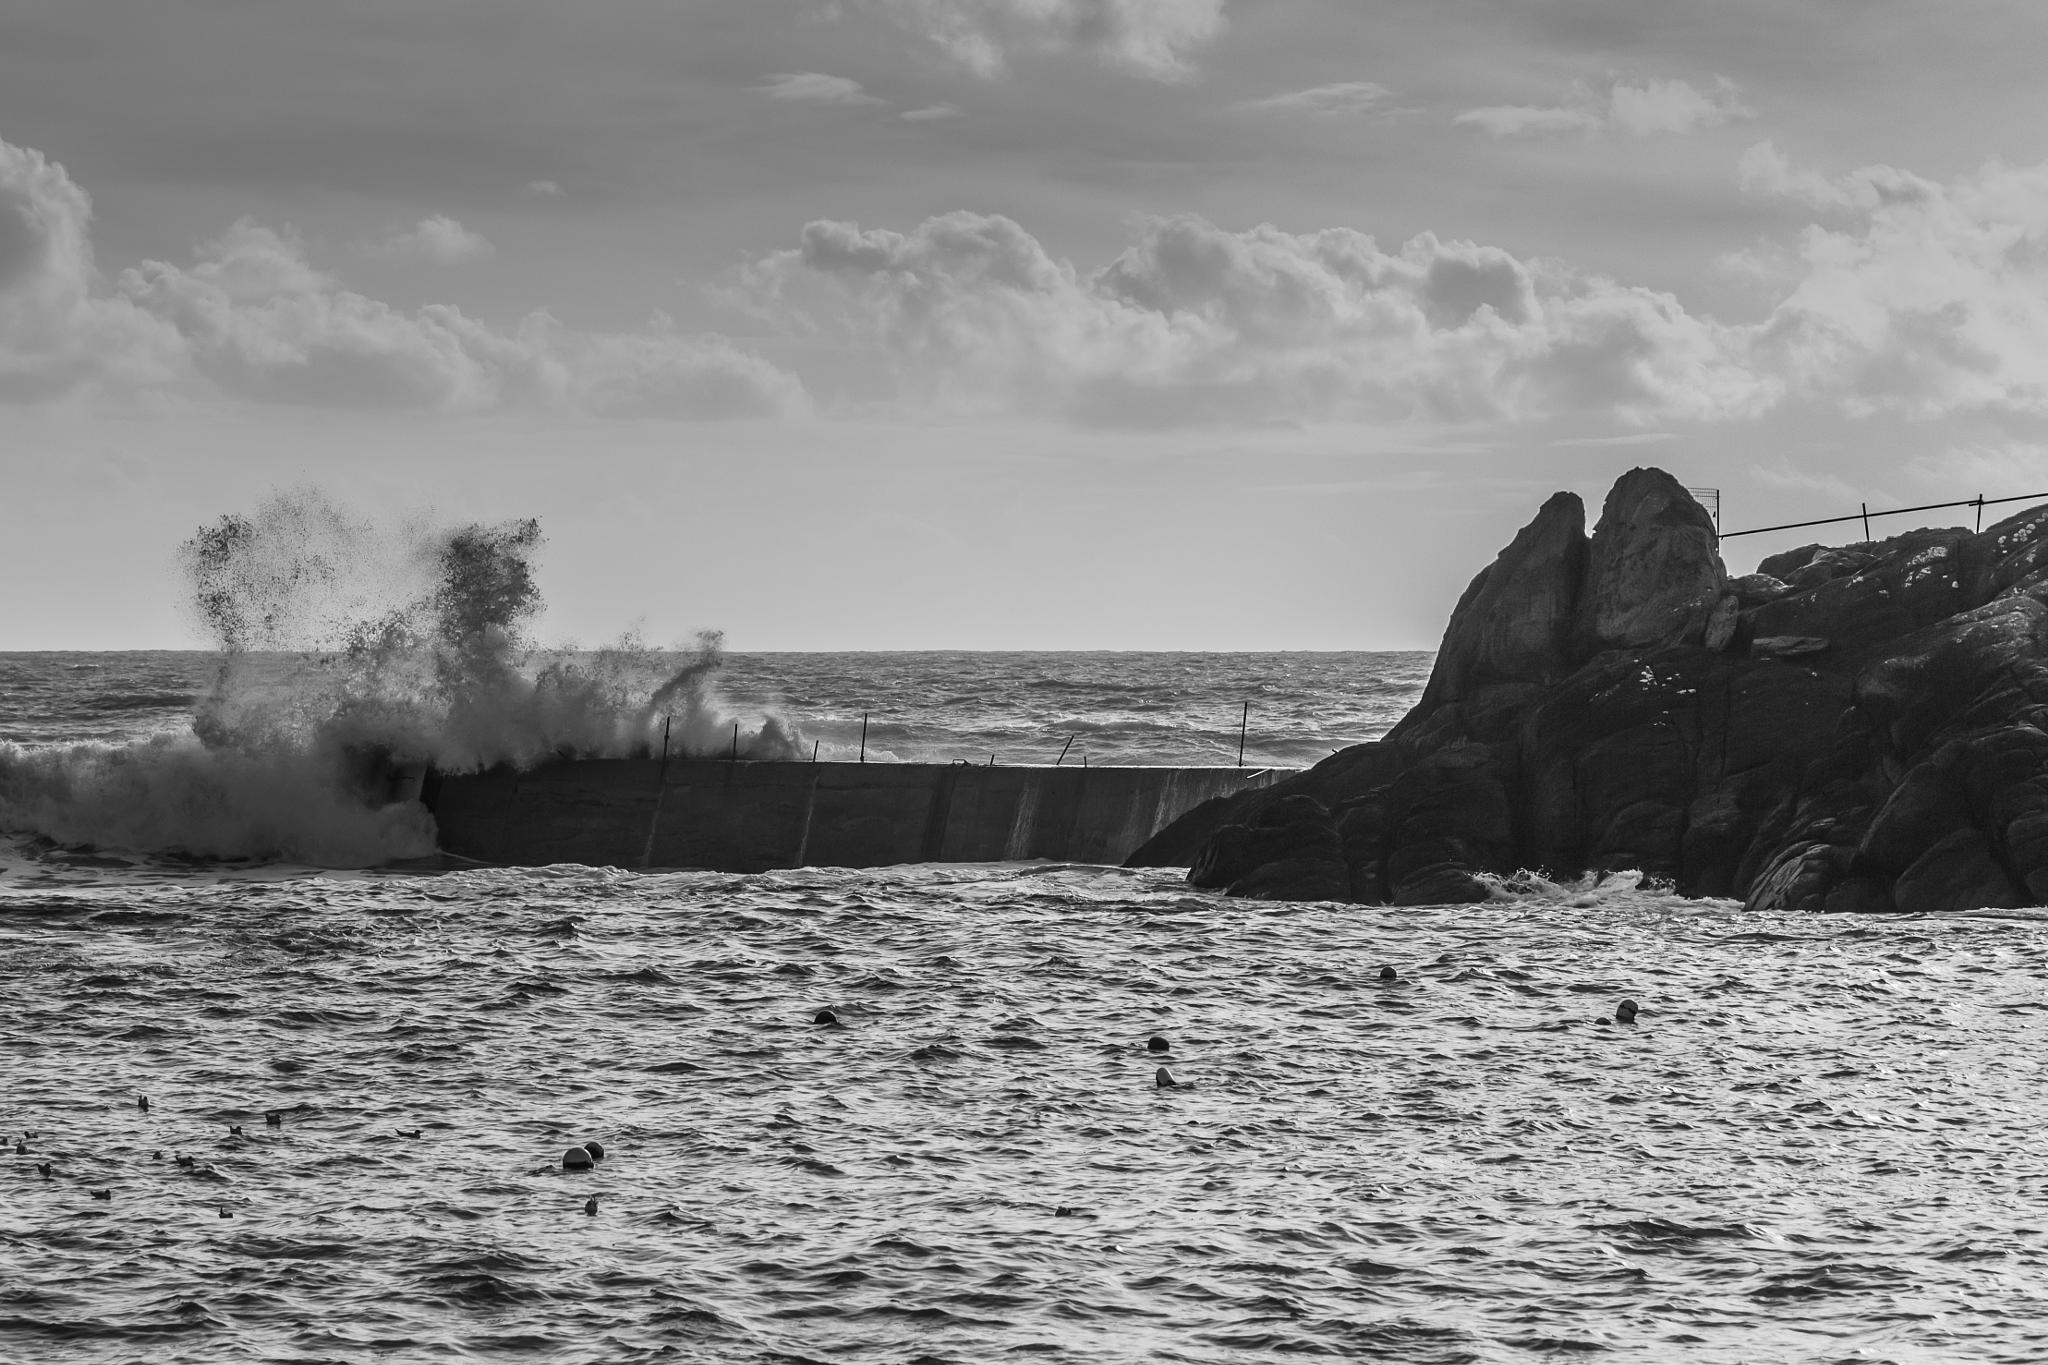 Breaking wave by Laurent Adien